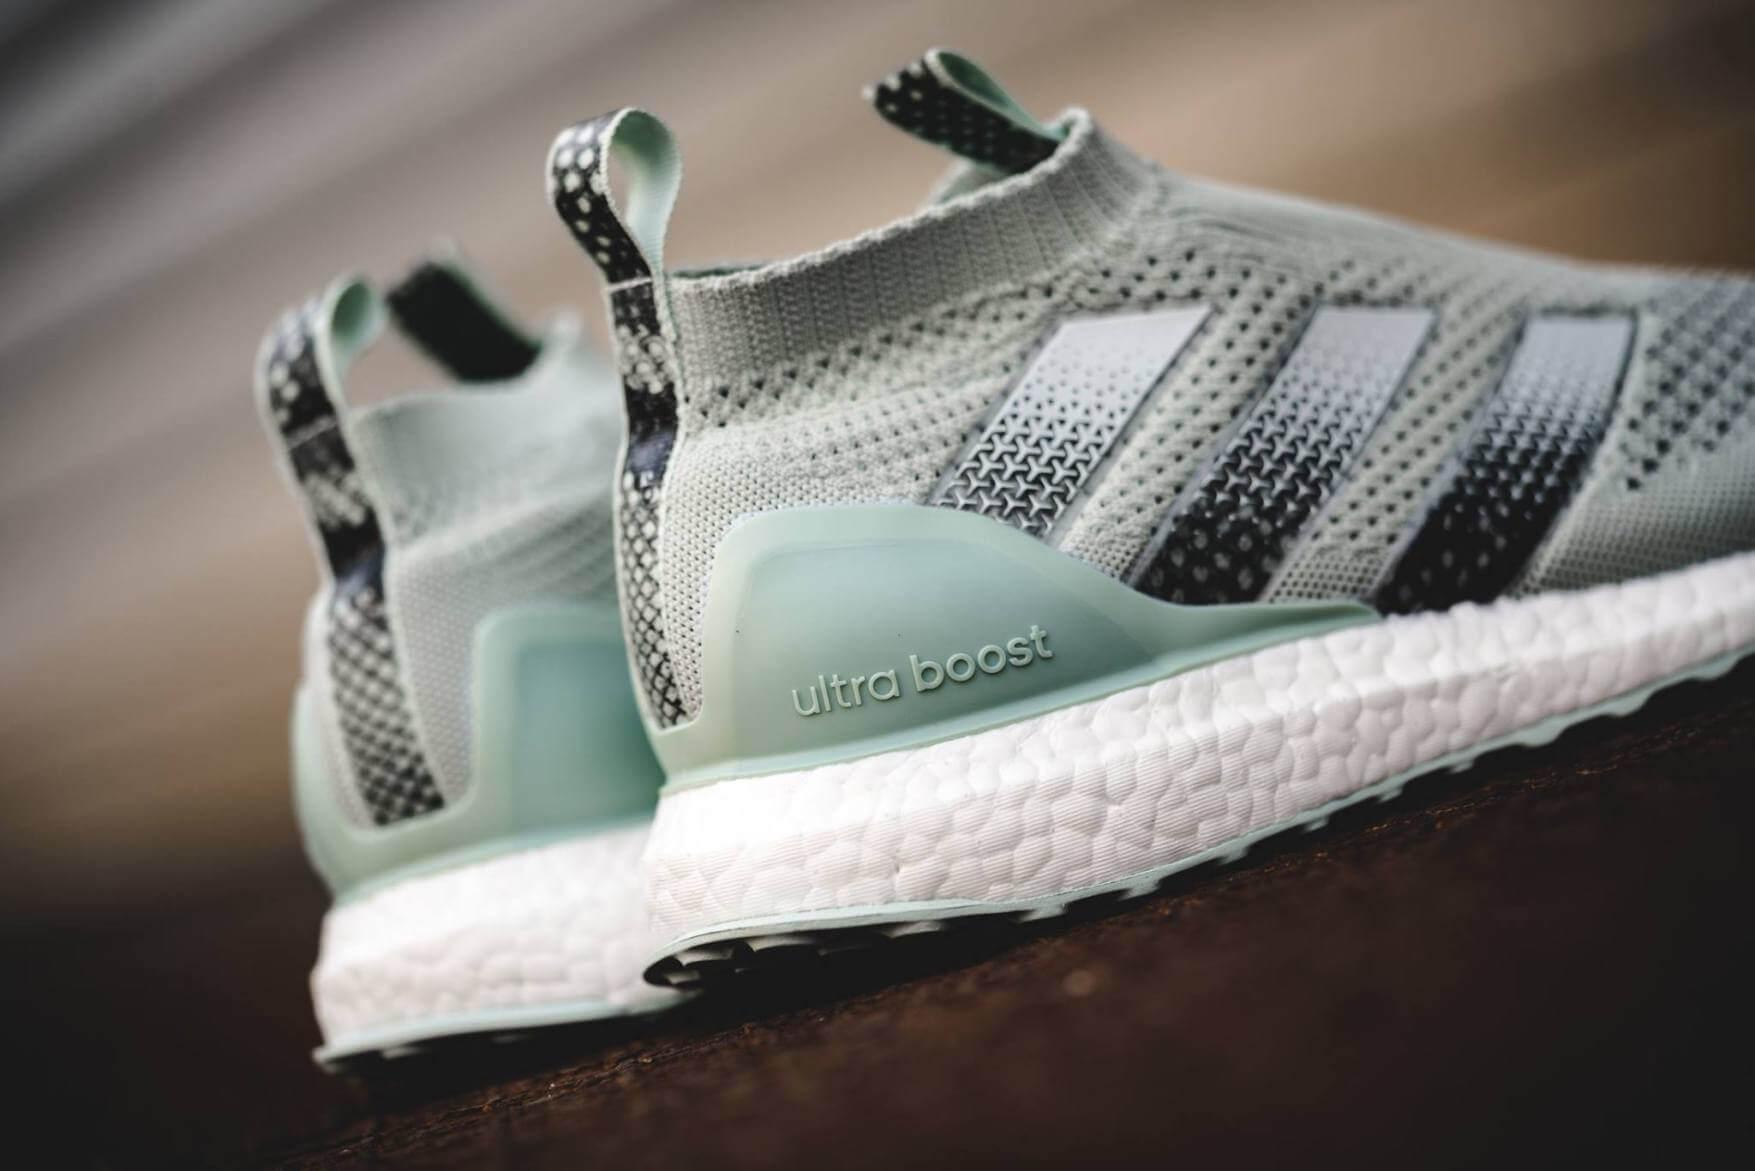 online retailer 74056 7302d adidas-ace-16-purecontrol-ultraboost-vapour-green-closer ...